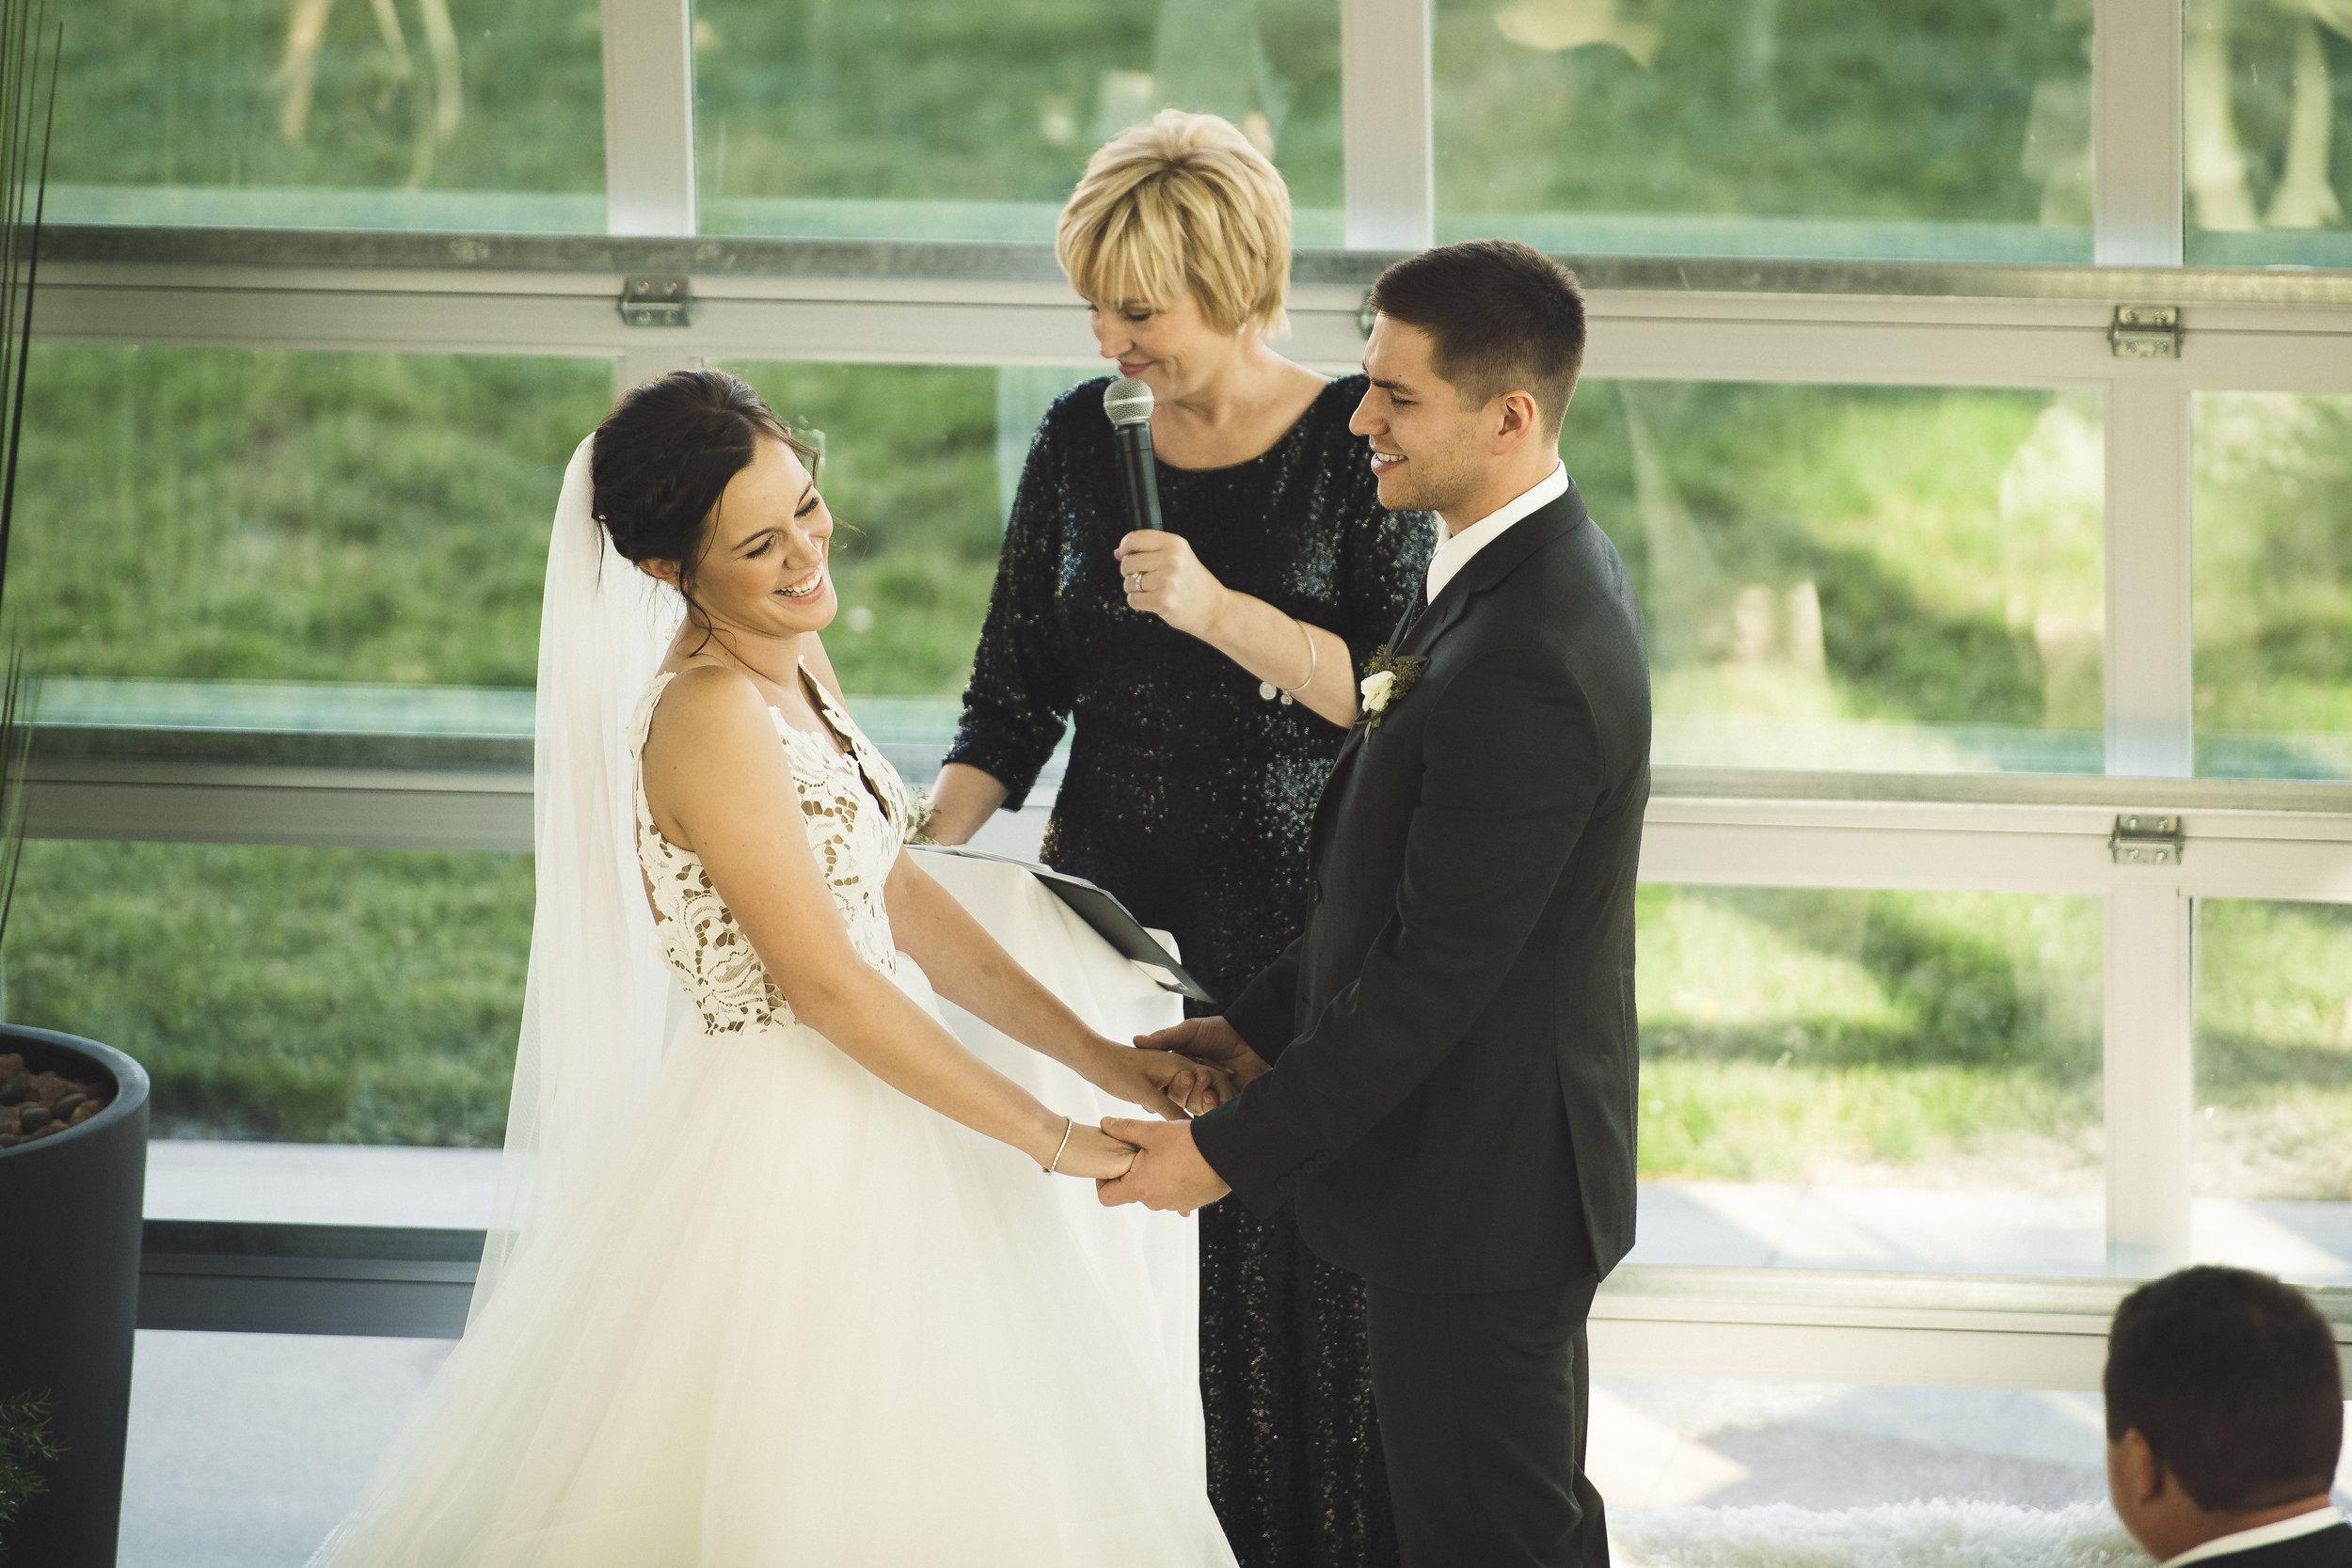 2star_des-moines-wedding-sadie-derek-55.jpg